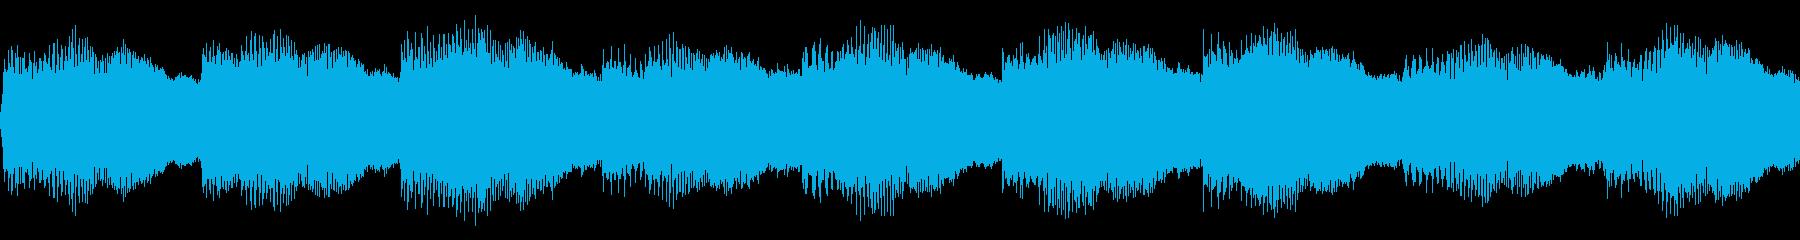 【緊急時】アラート音の再生済みの波形